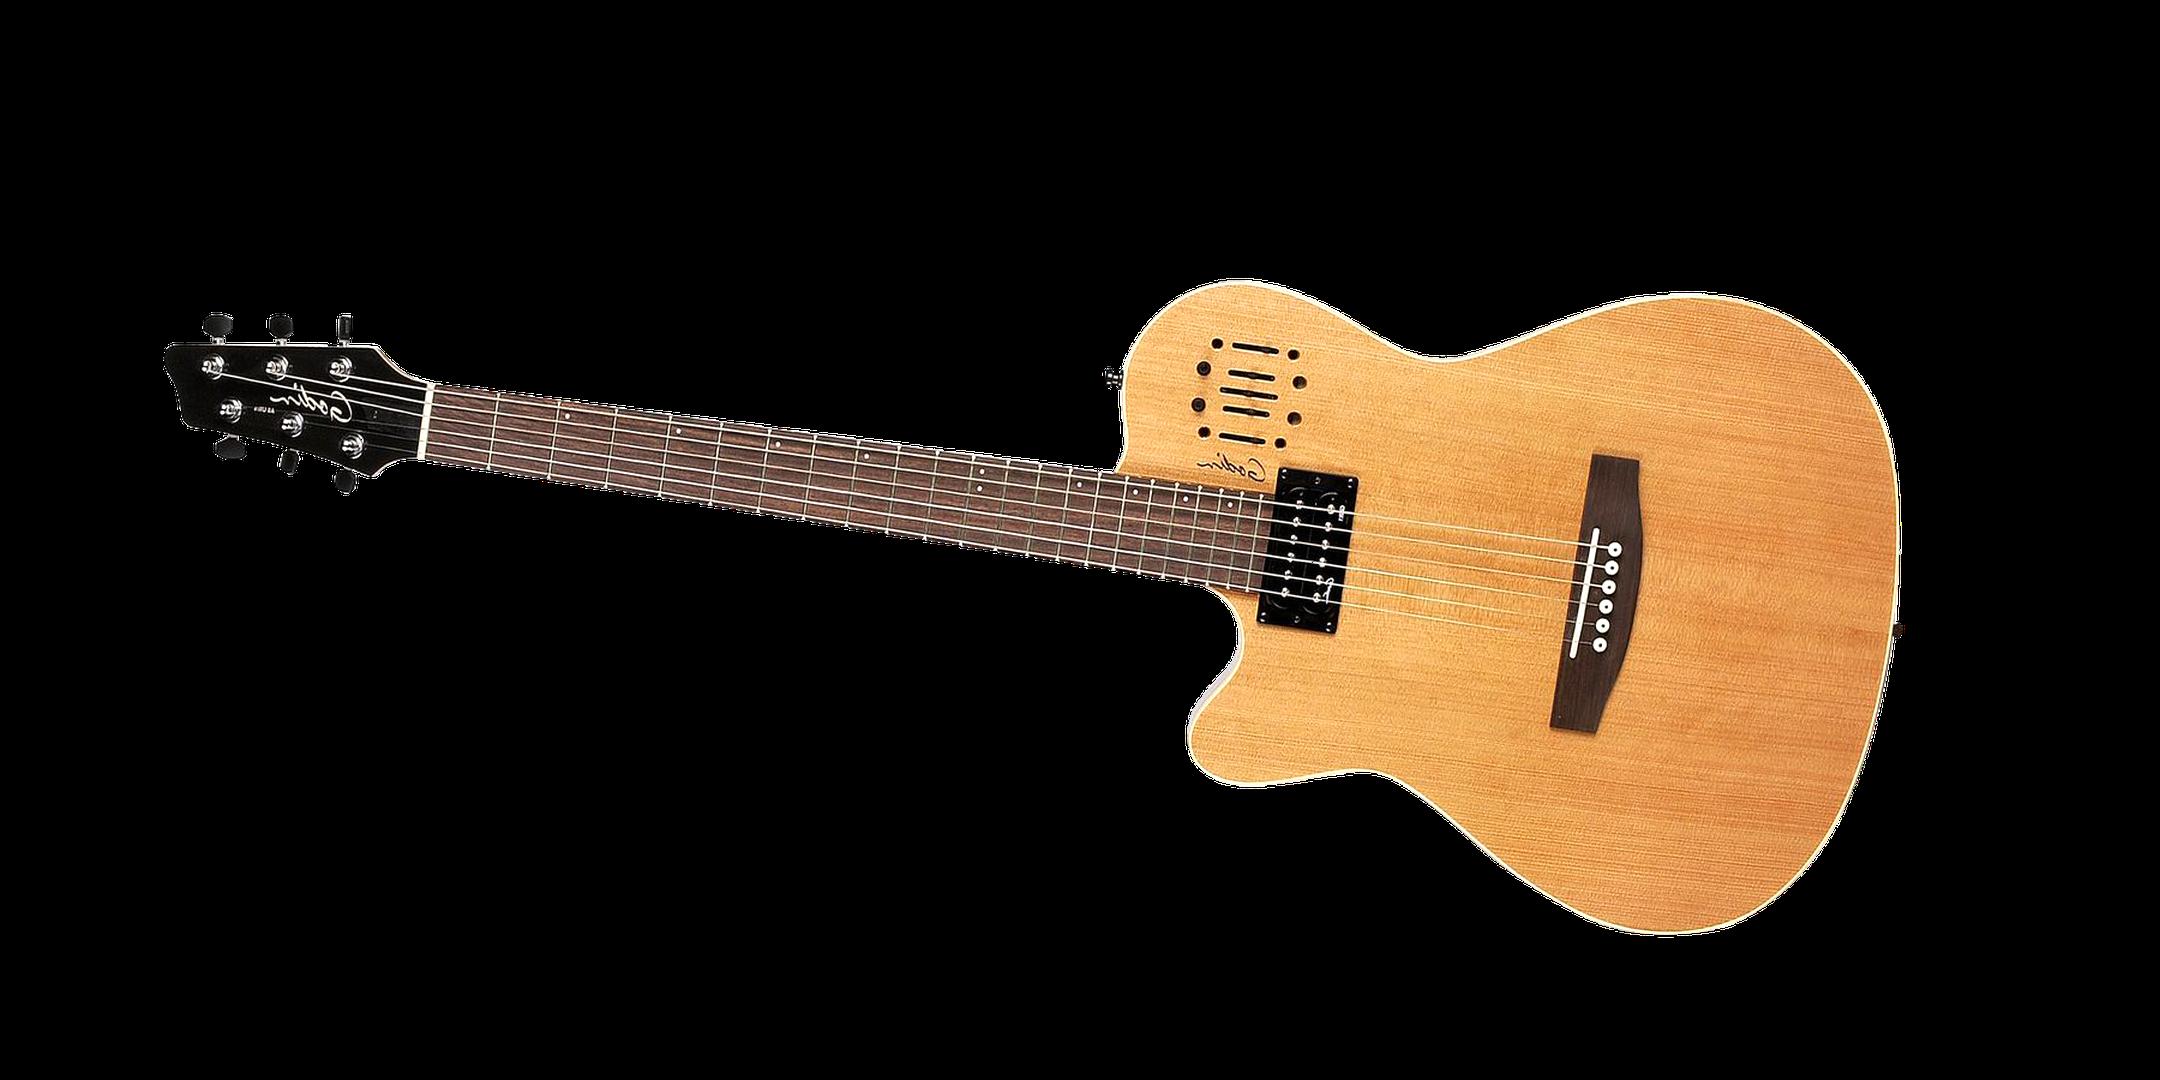 guitare godin d'occasion